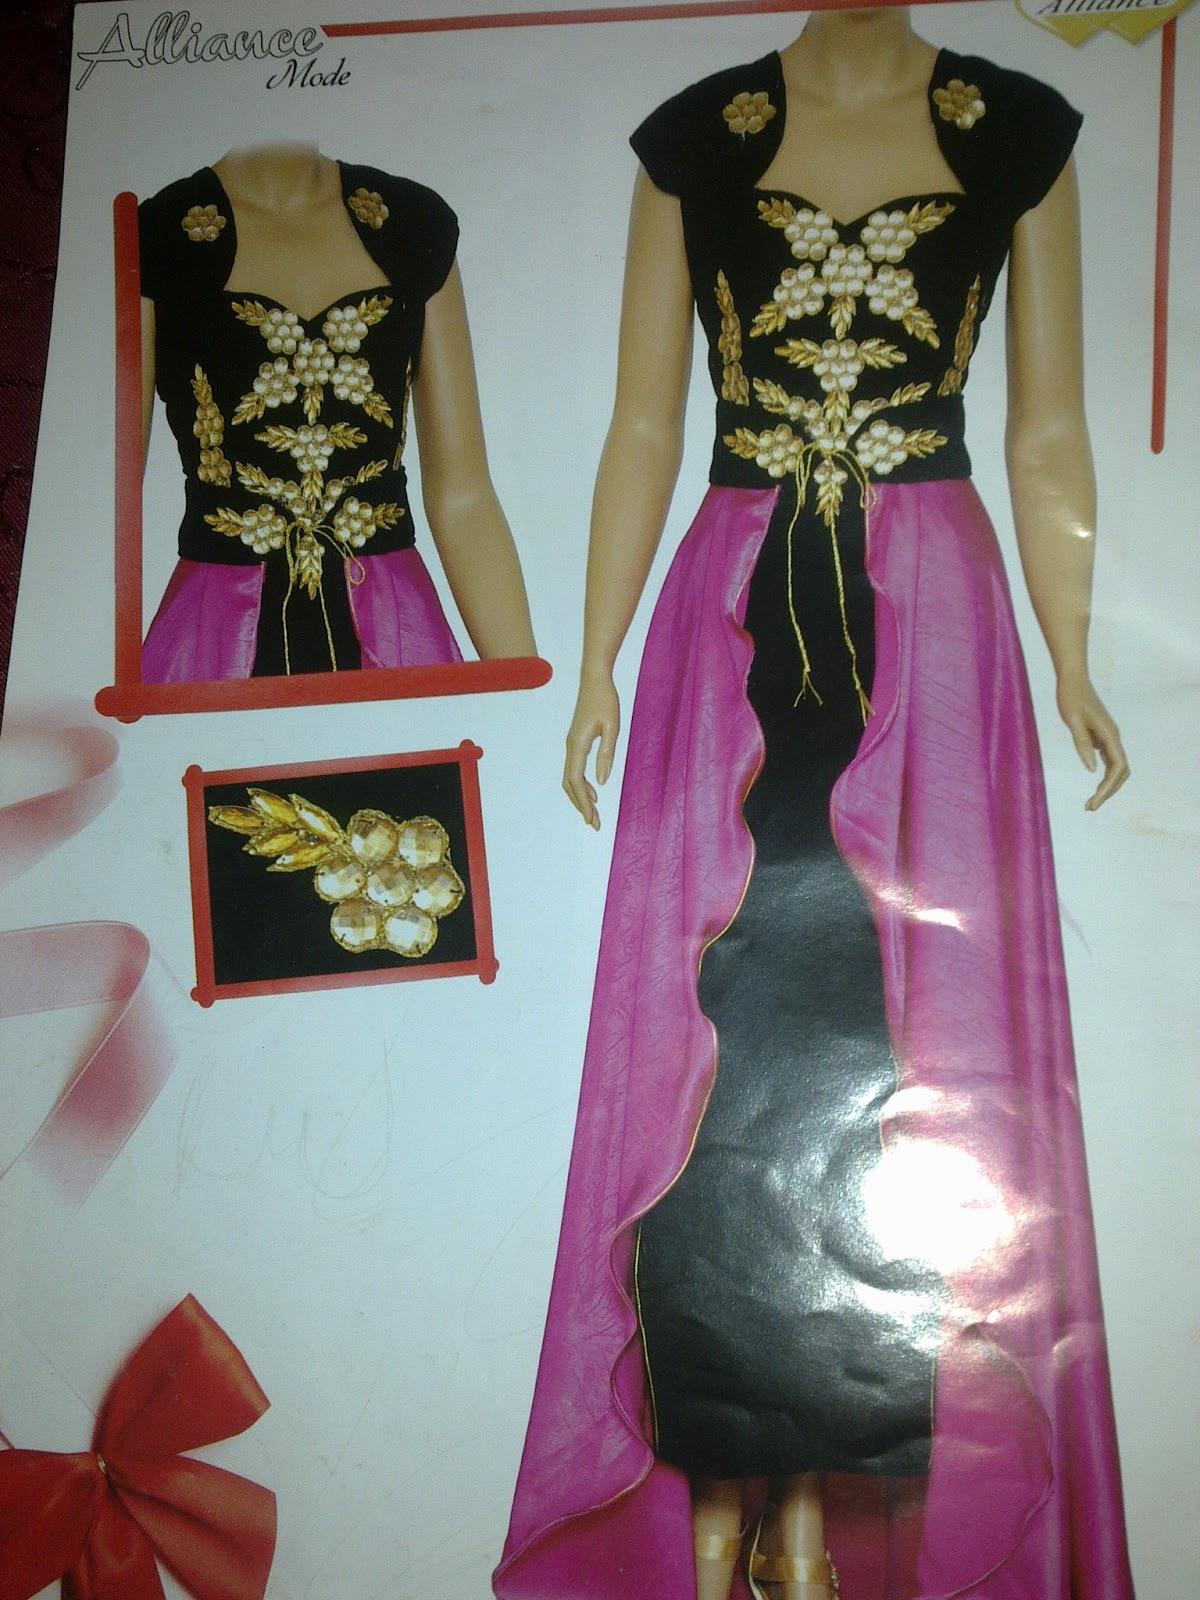 جديد مجلات الخياطة الجزائرية 2013 للصيف، موديل قنادر جزائرية صيف  02072011841